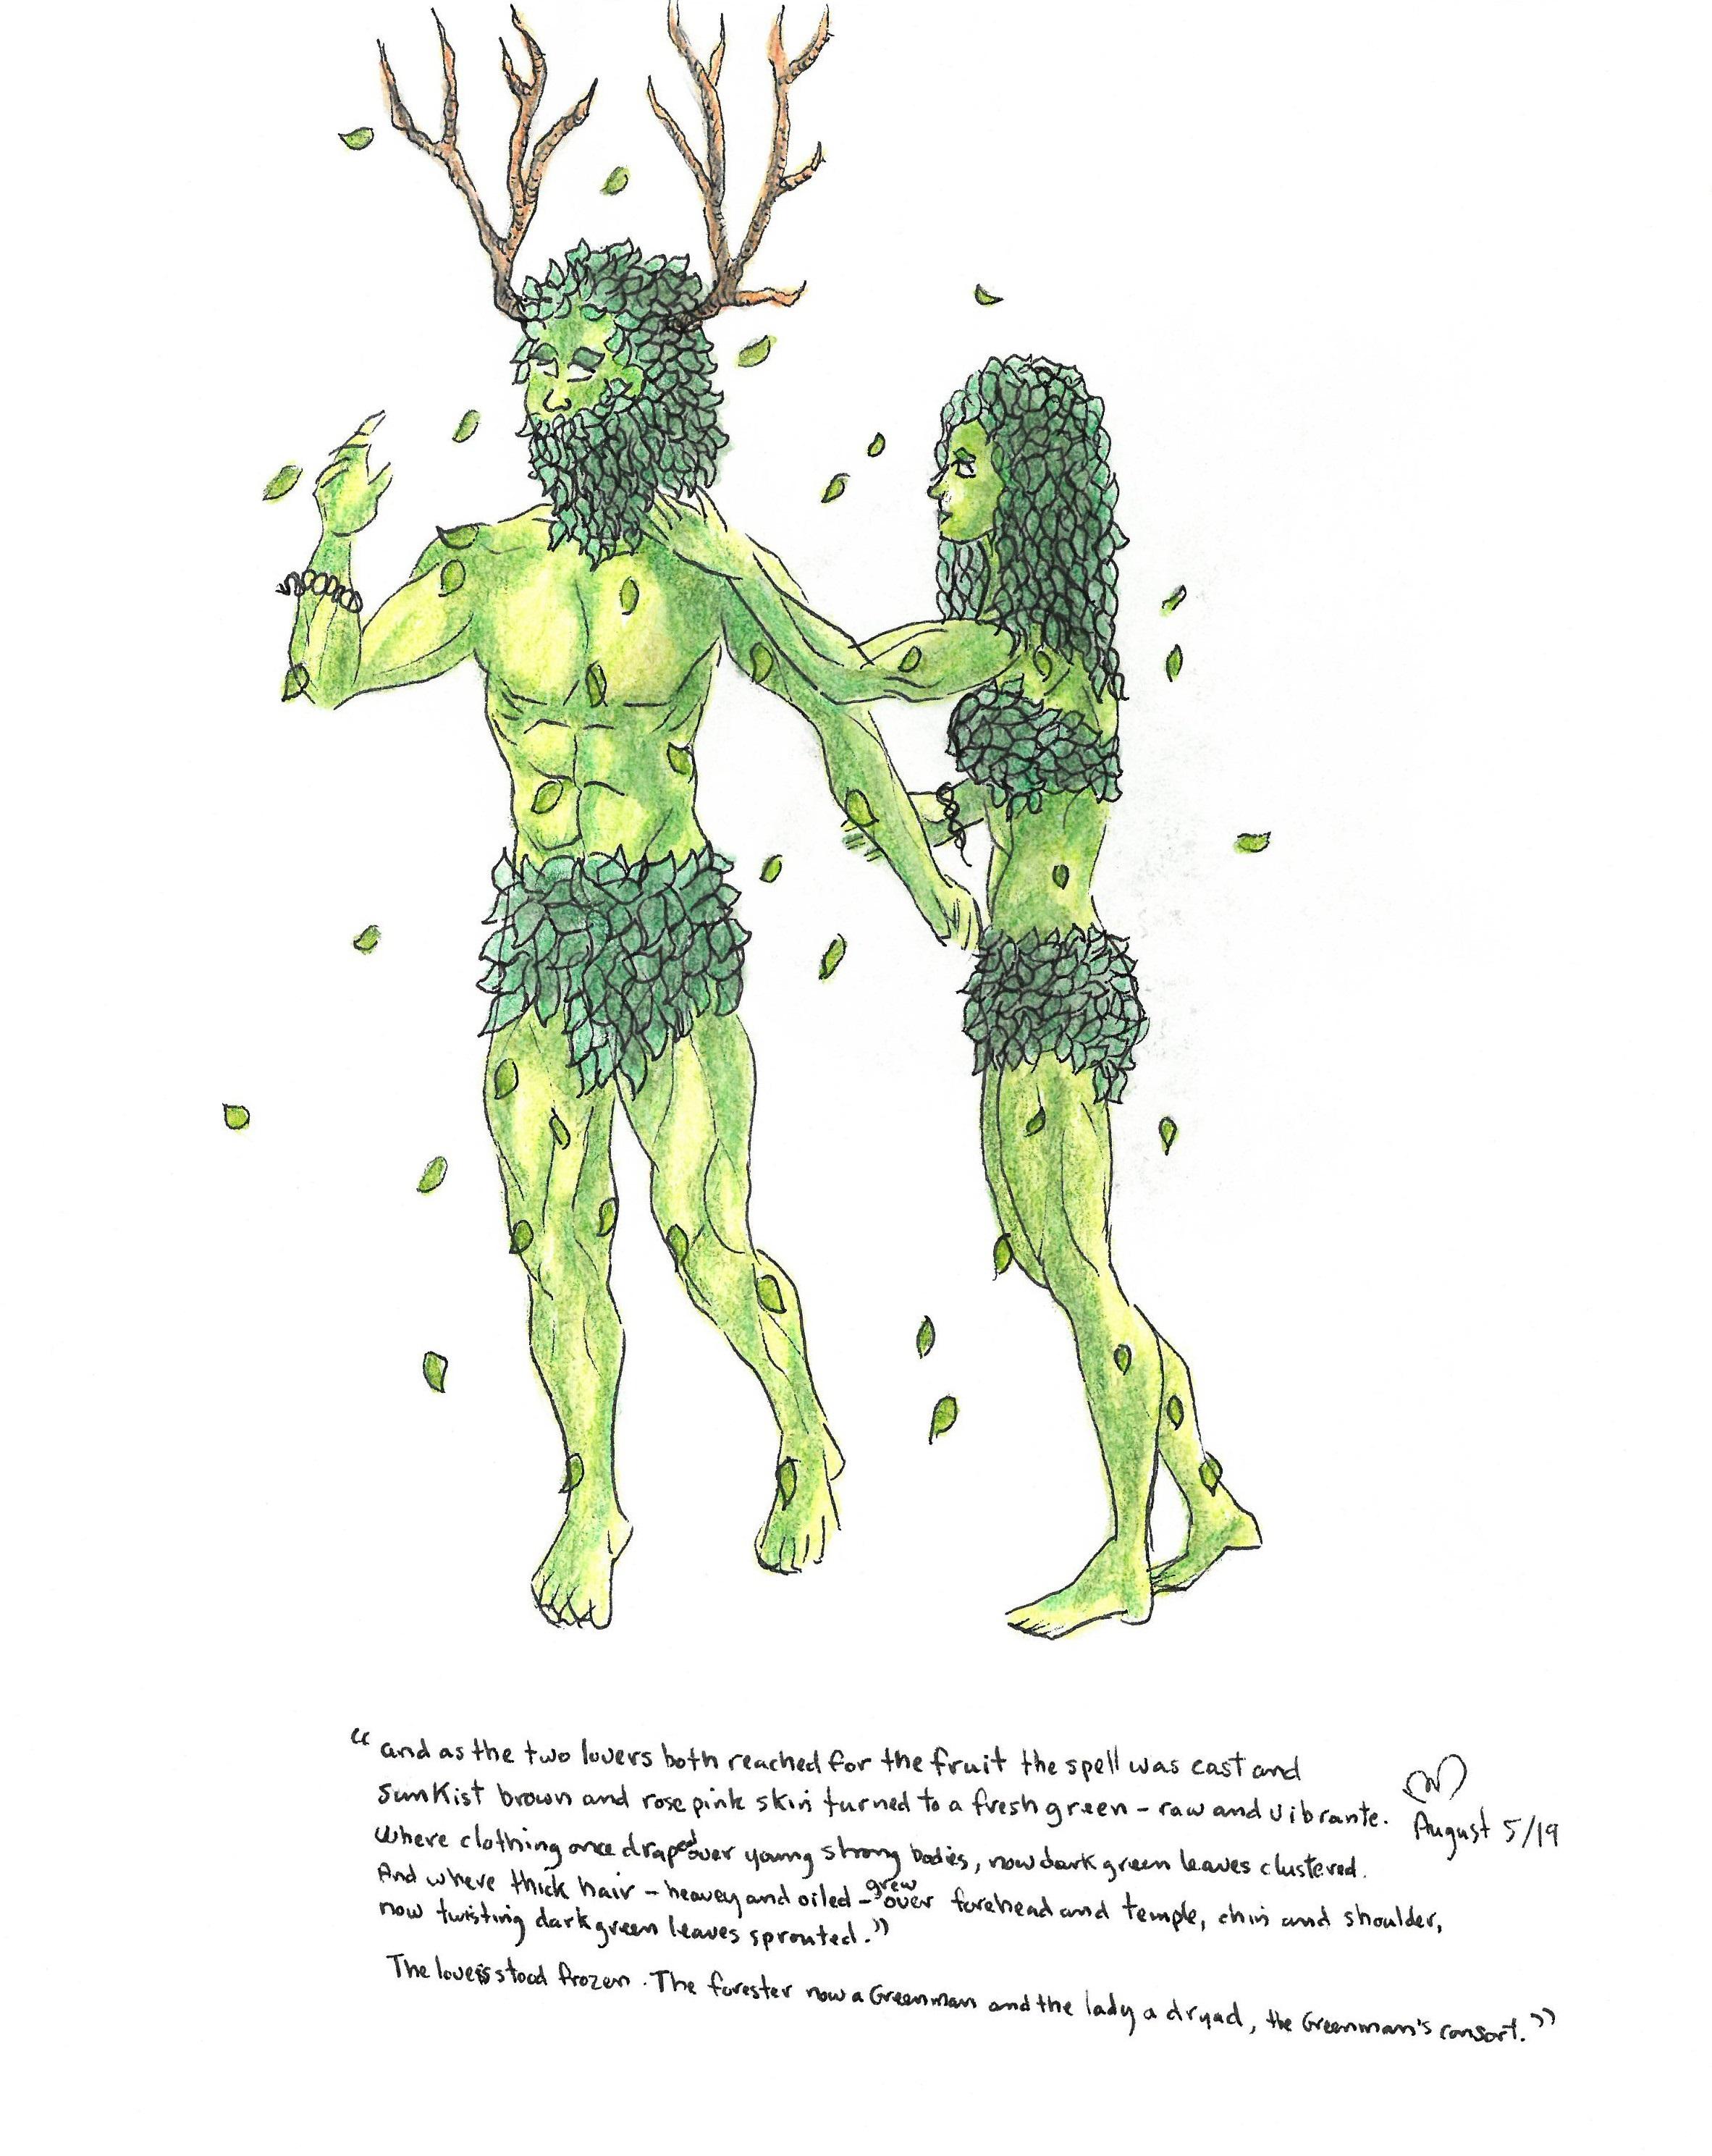 The Green Curse